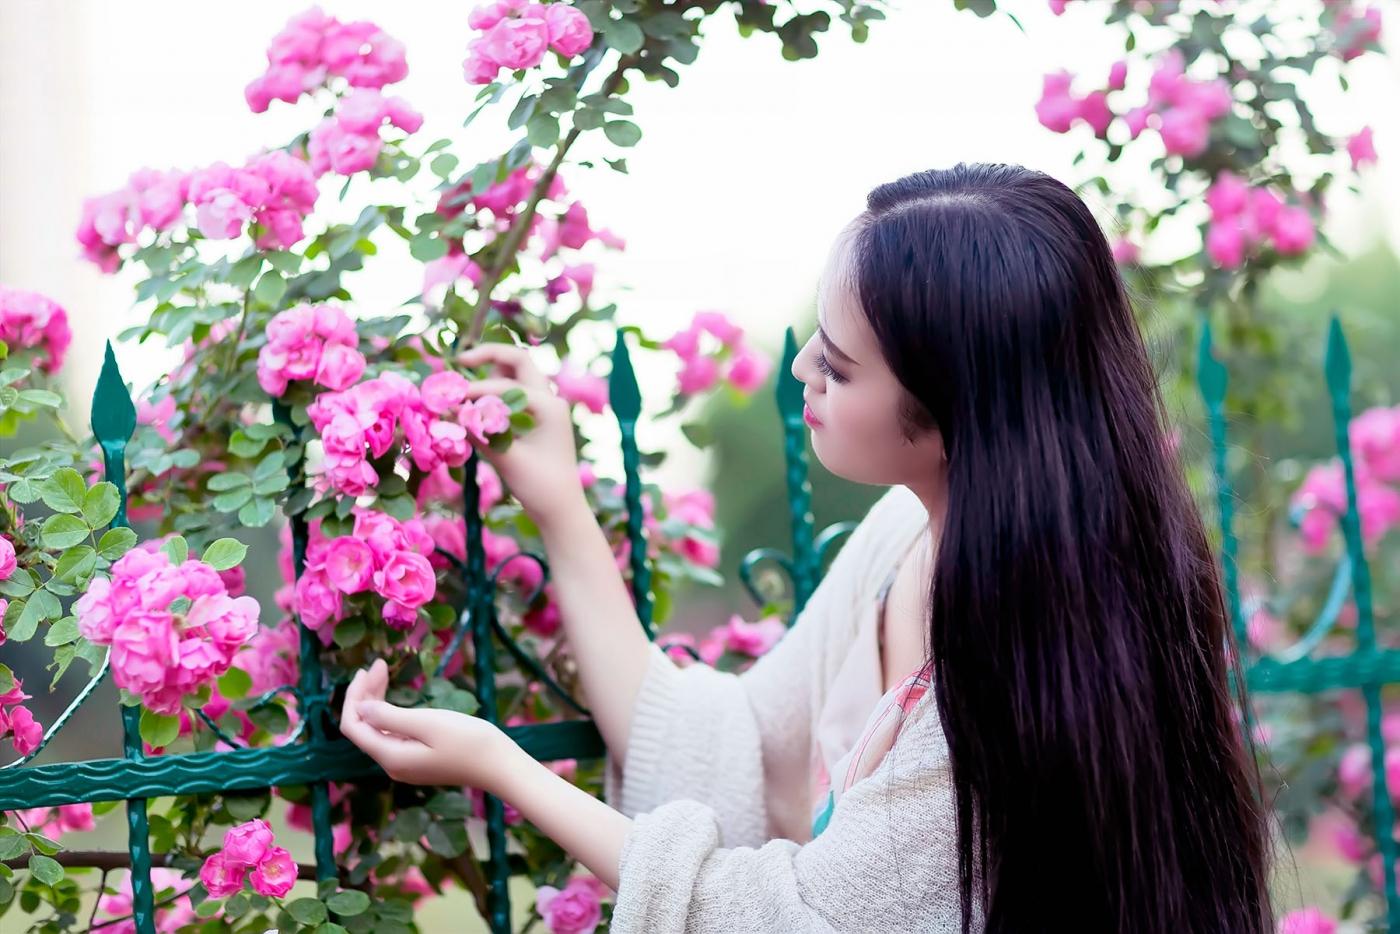 蔷薇·阳光·女孩 去见你想见的人吧_图1-15